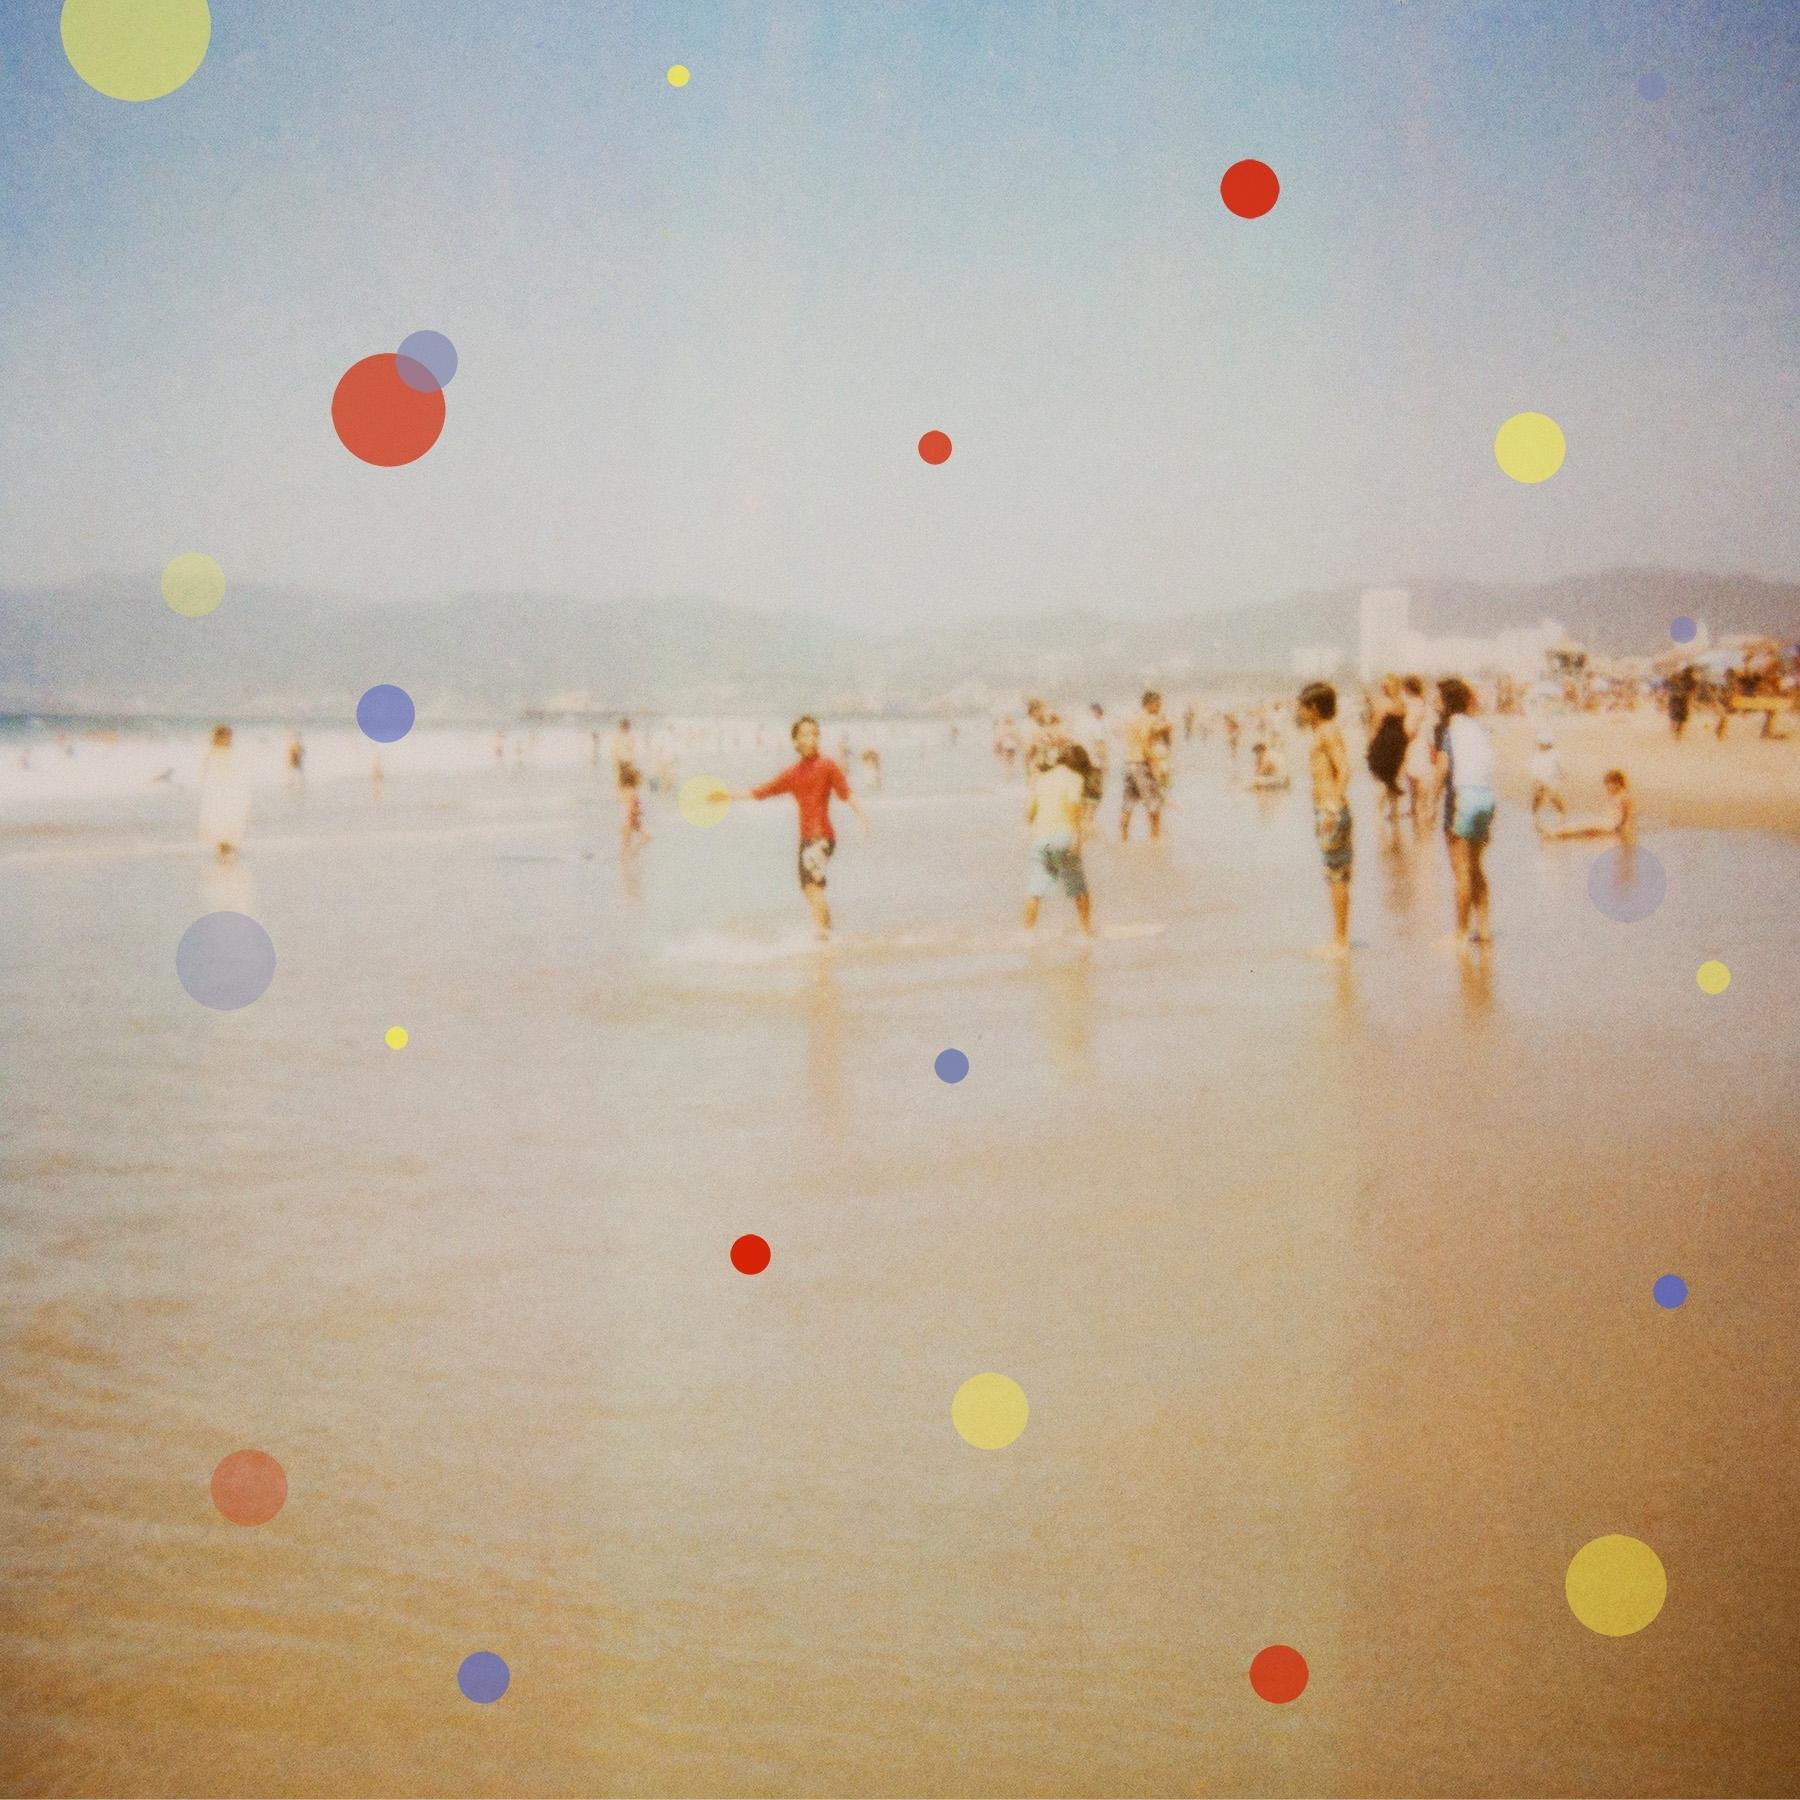 August 26 by Michele  Crockett